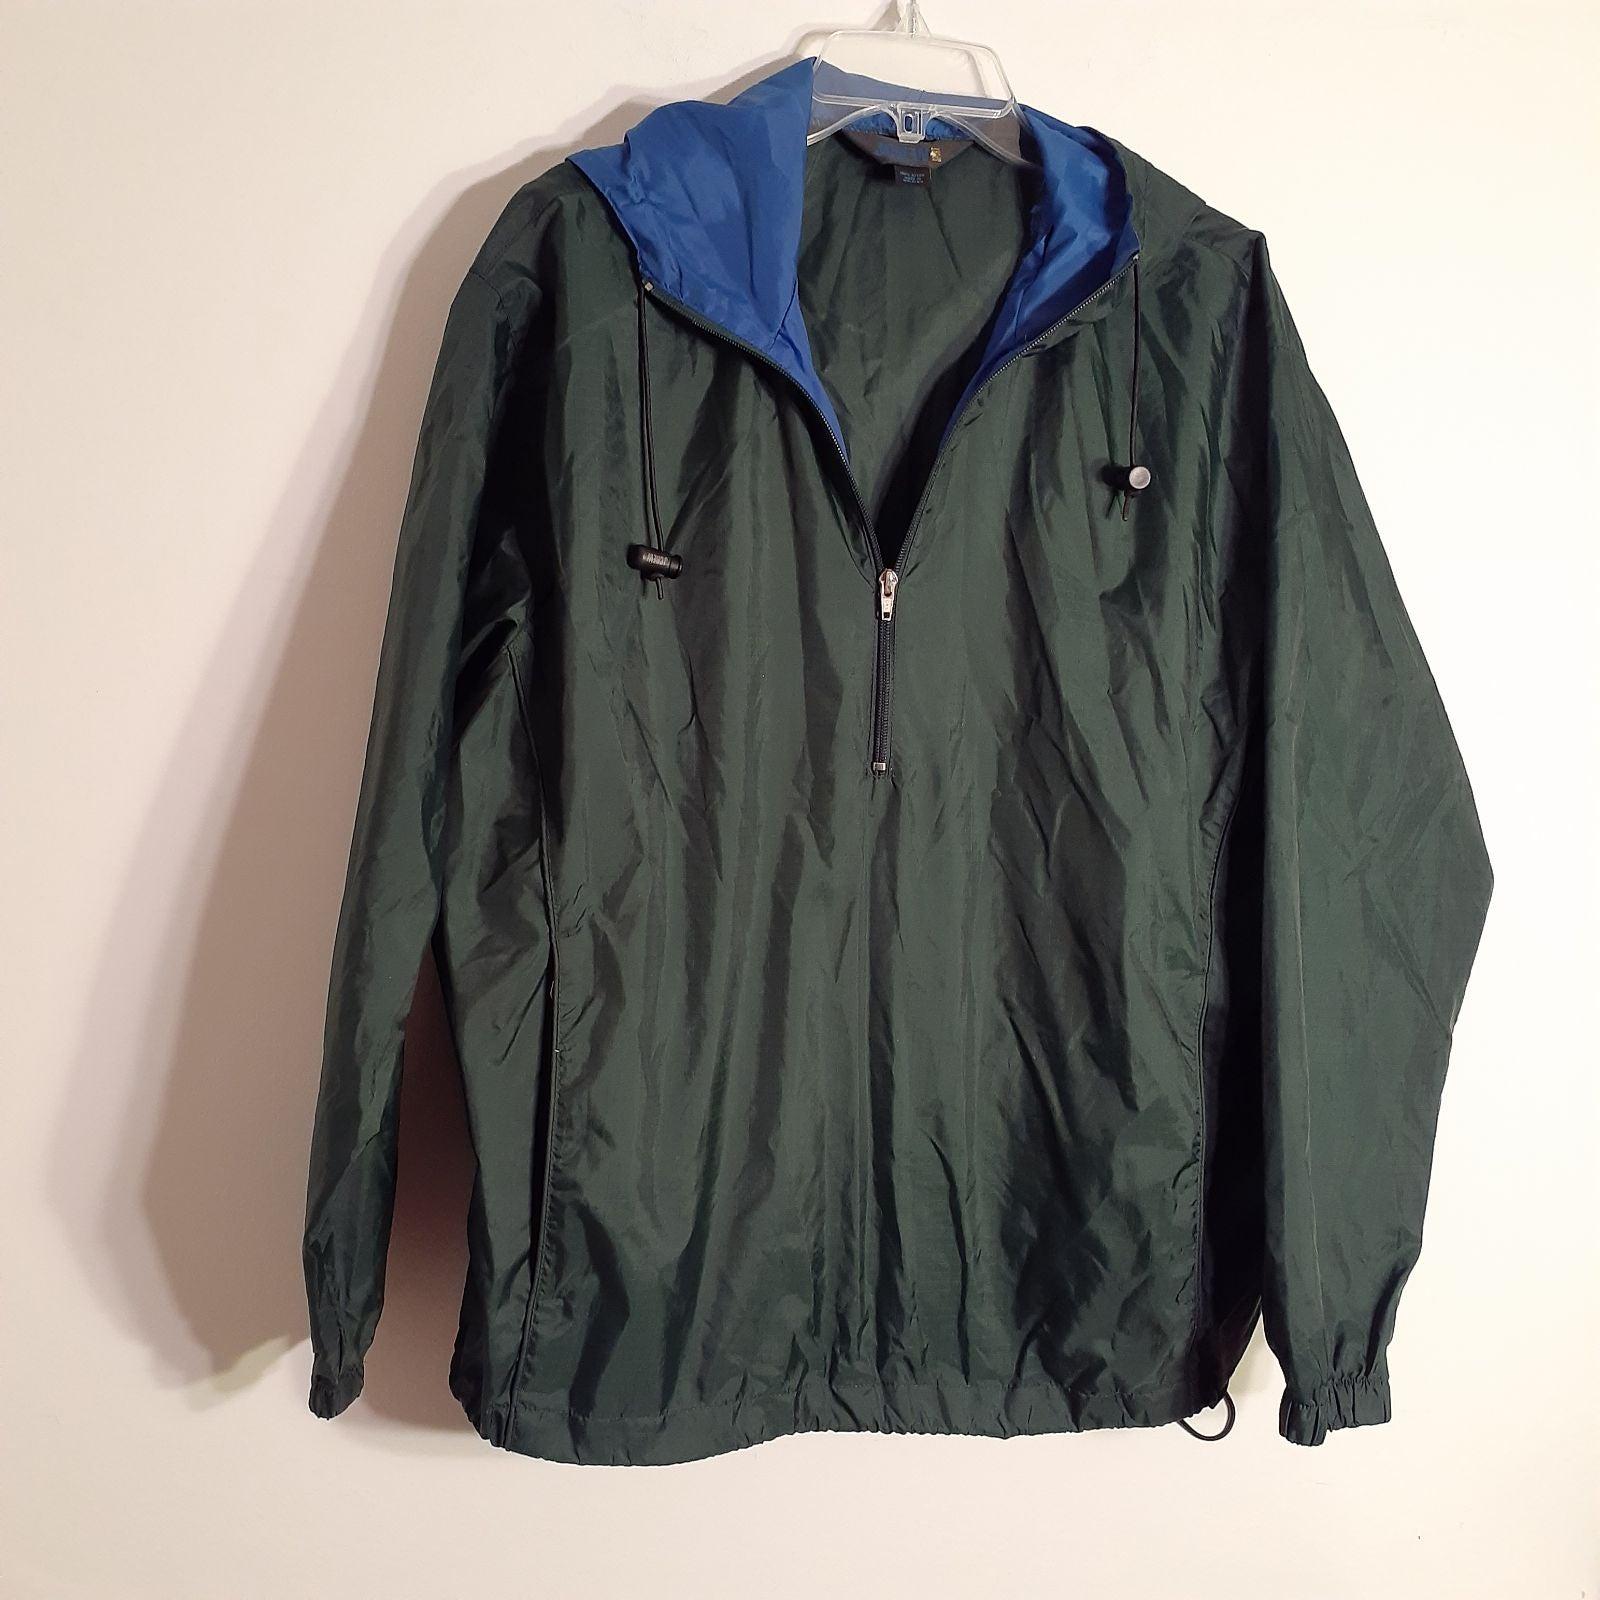 J.Crew windbreaker jacket s / m green